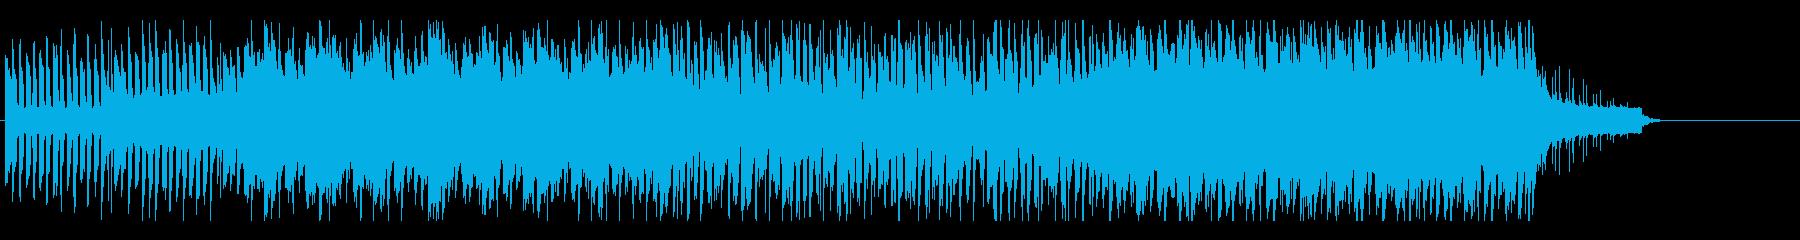 あやしい 淡々 サスペンス 未来 追跡の再生済みの波形